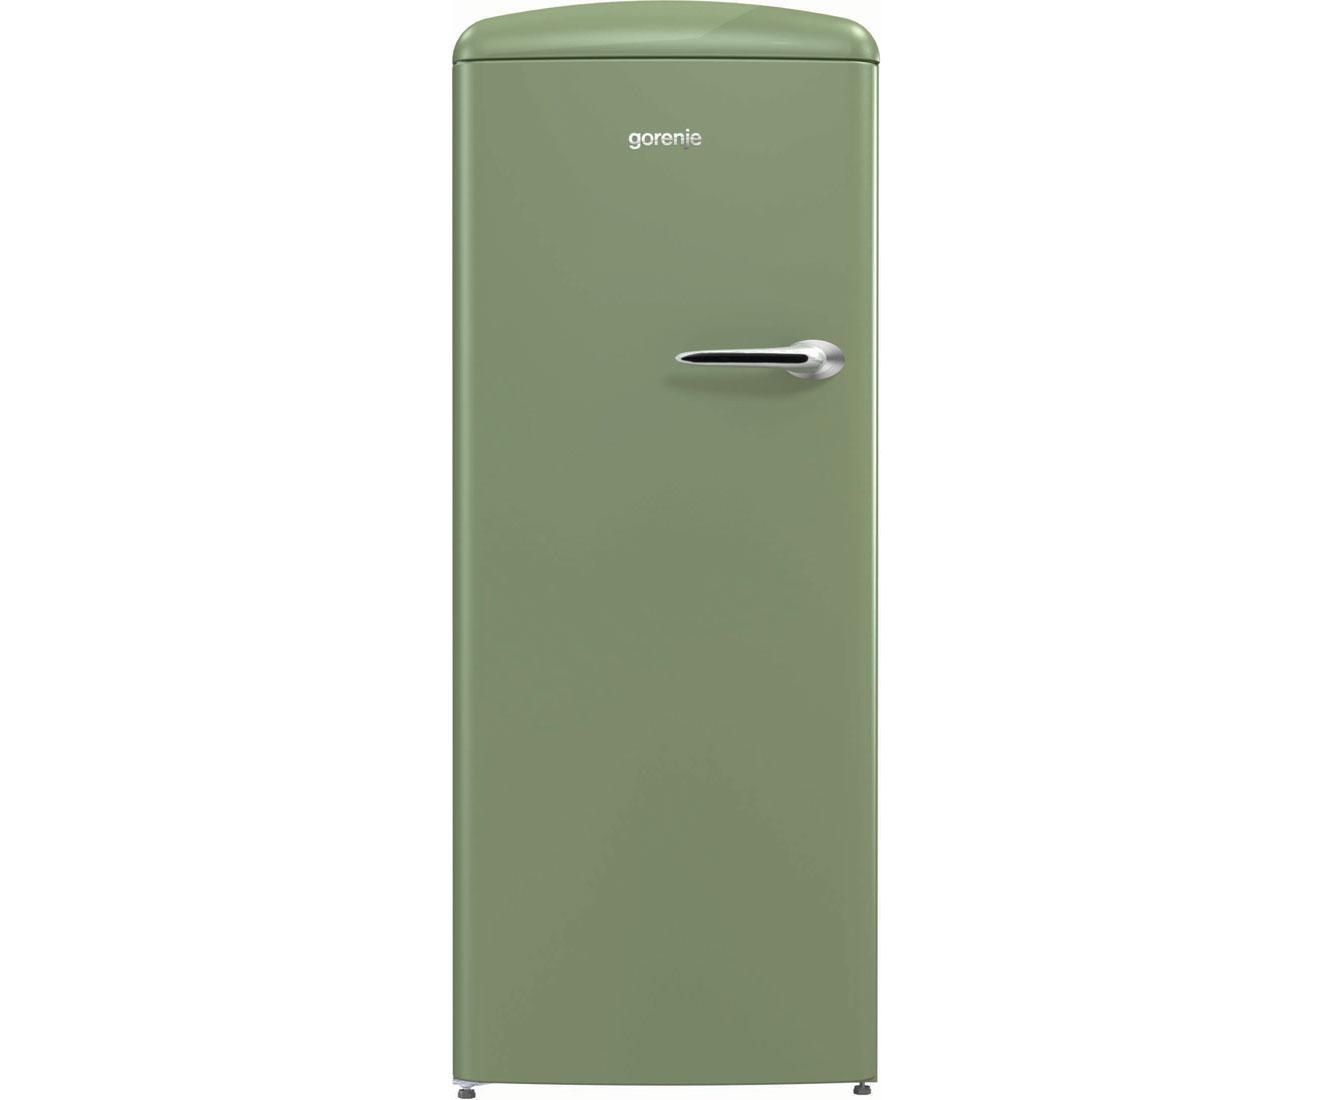 Retro Kühlschrank Pkm : Pkm retro kühlschrank test pkm mc a mini kühlschrank amazon